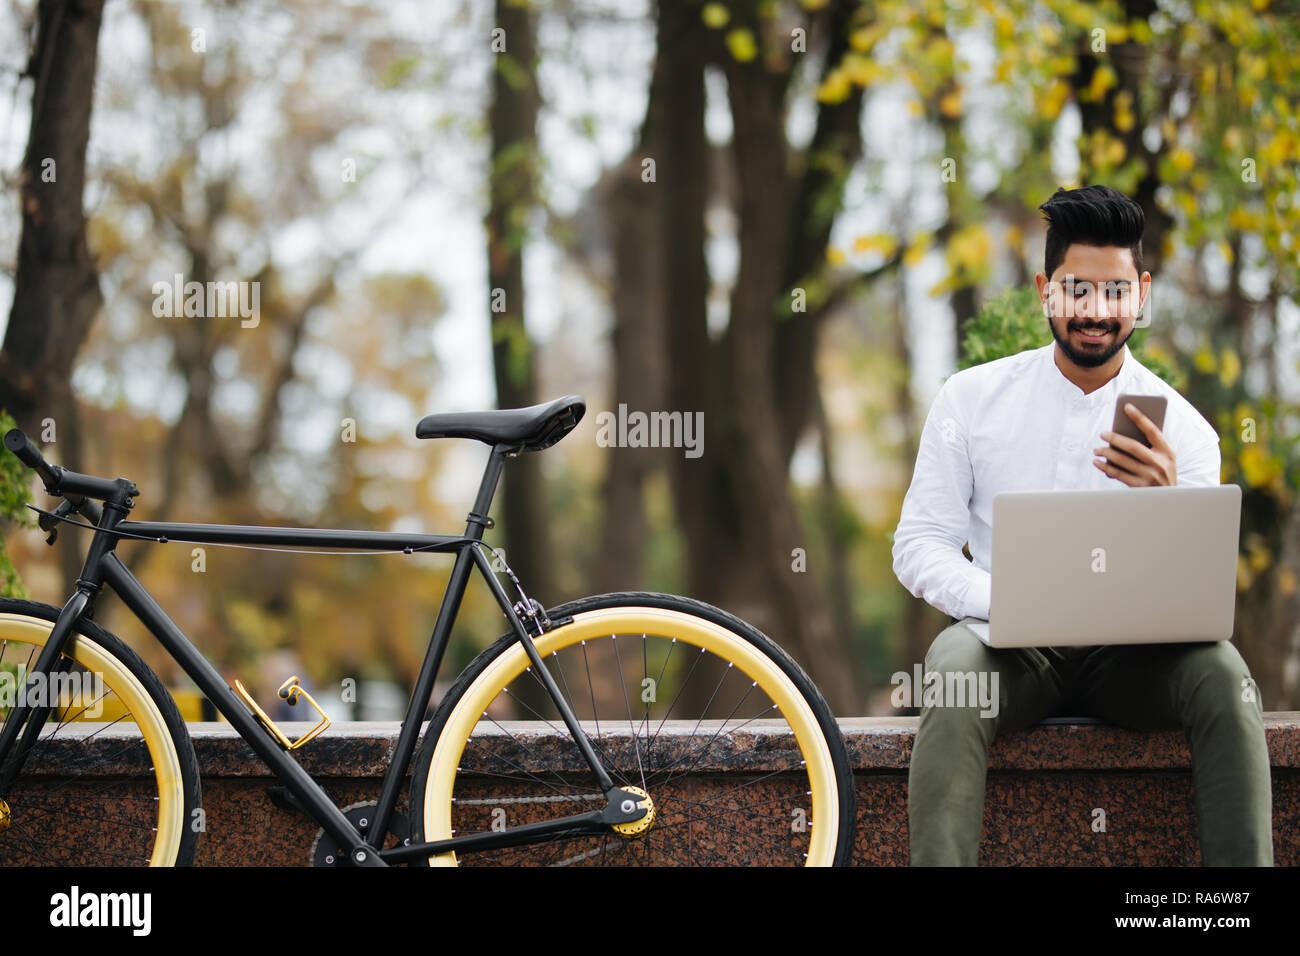 Glückliche junge indische Mann mit Handy während der Arbeit am Laptop sitzen im Freien in der Nähe Fahrradverleih Stockfoto